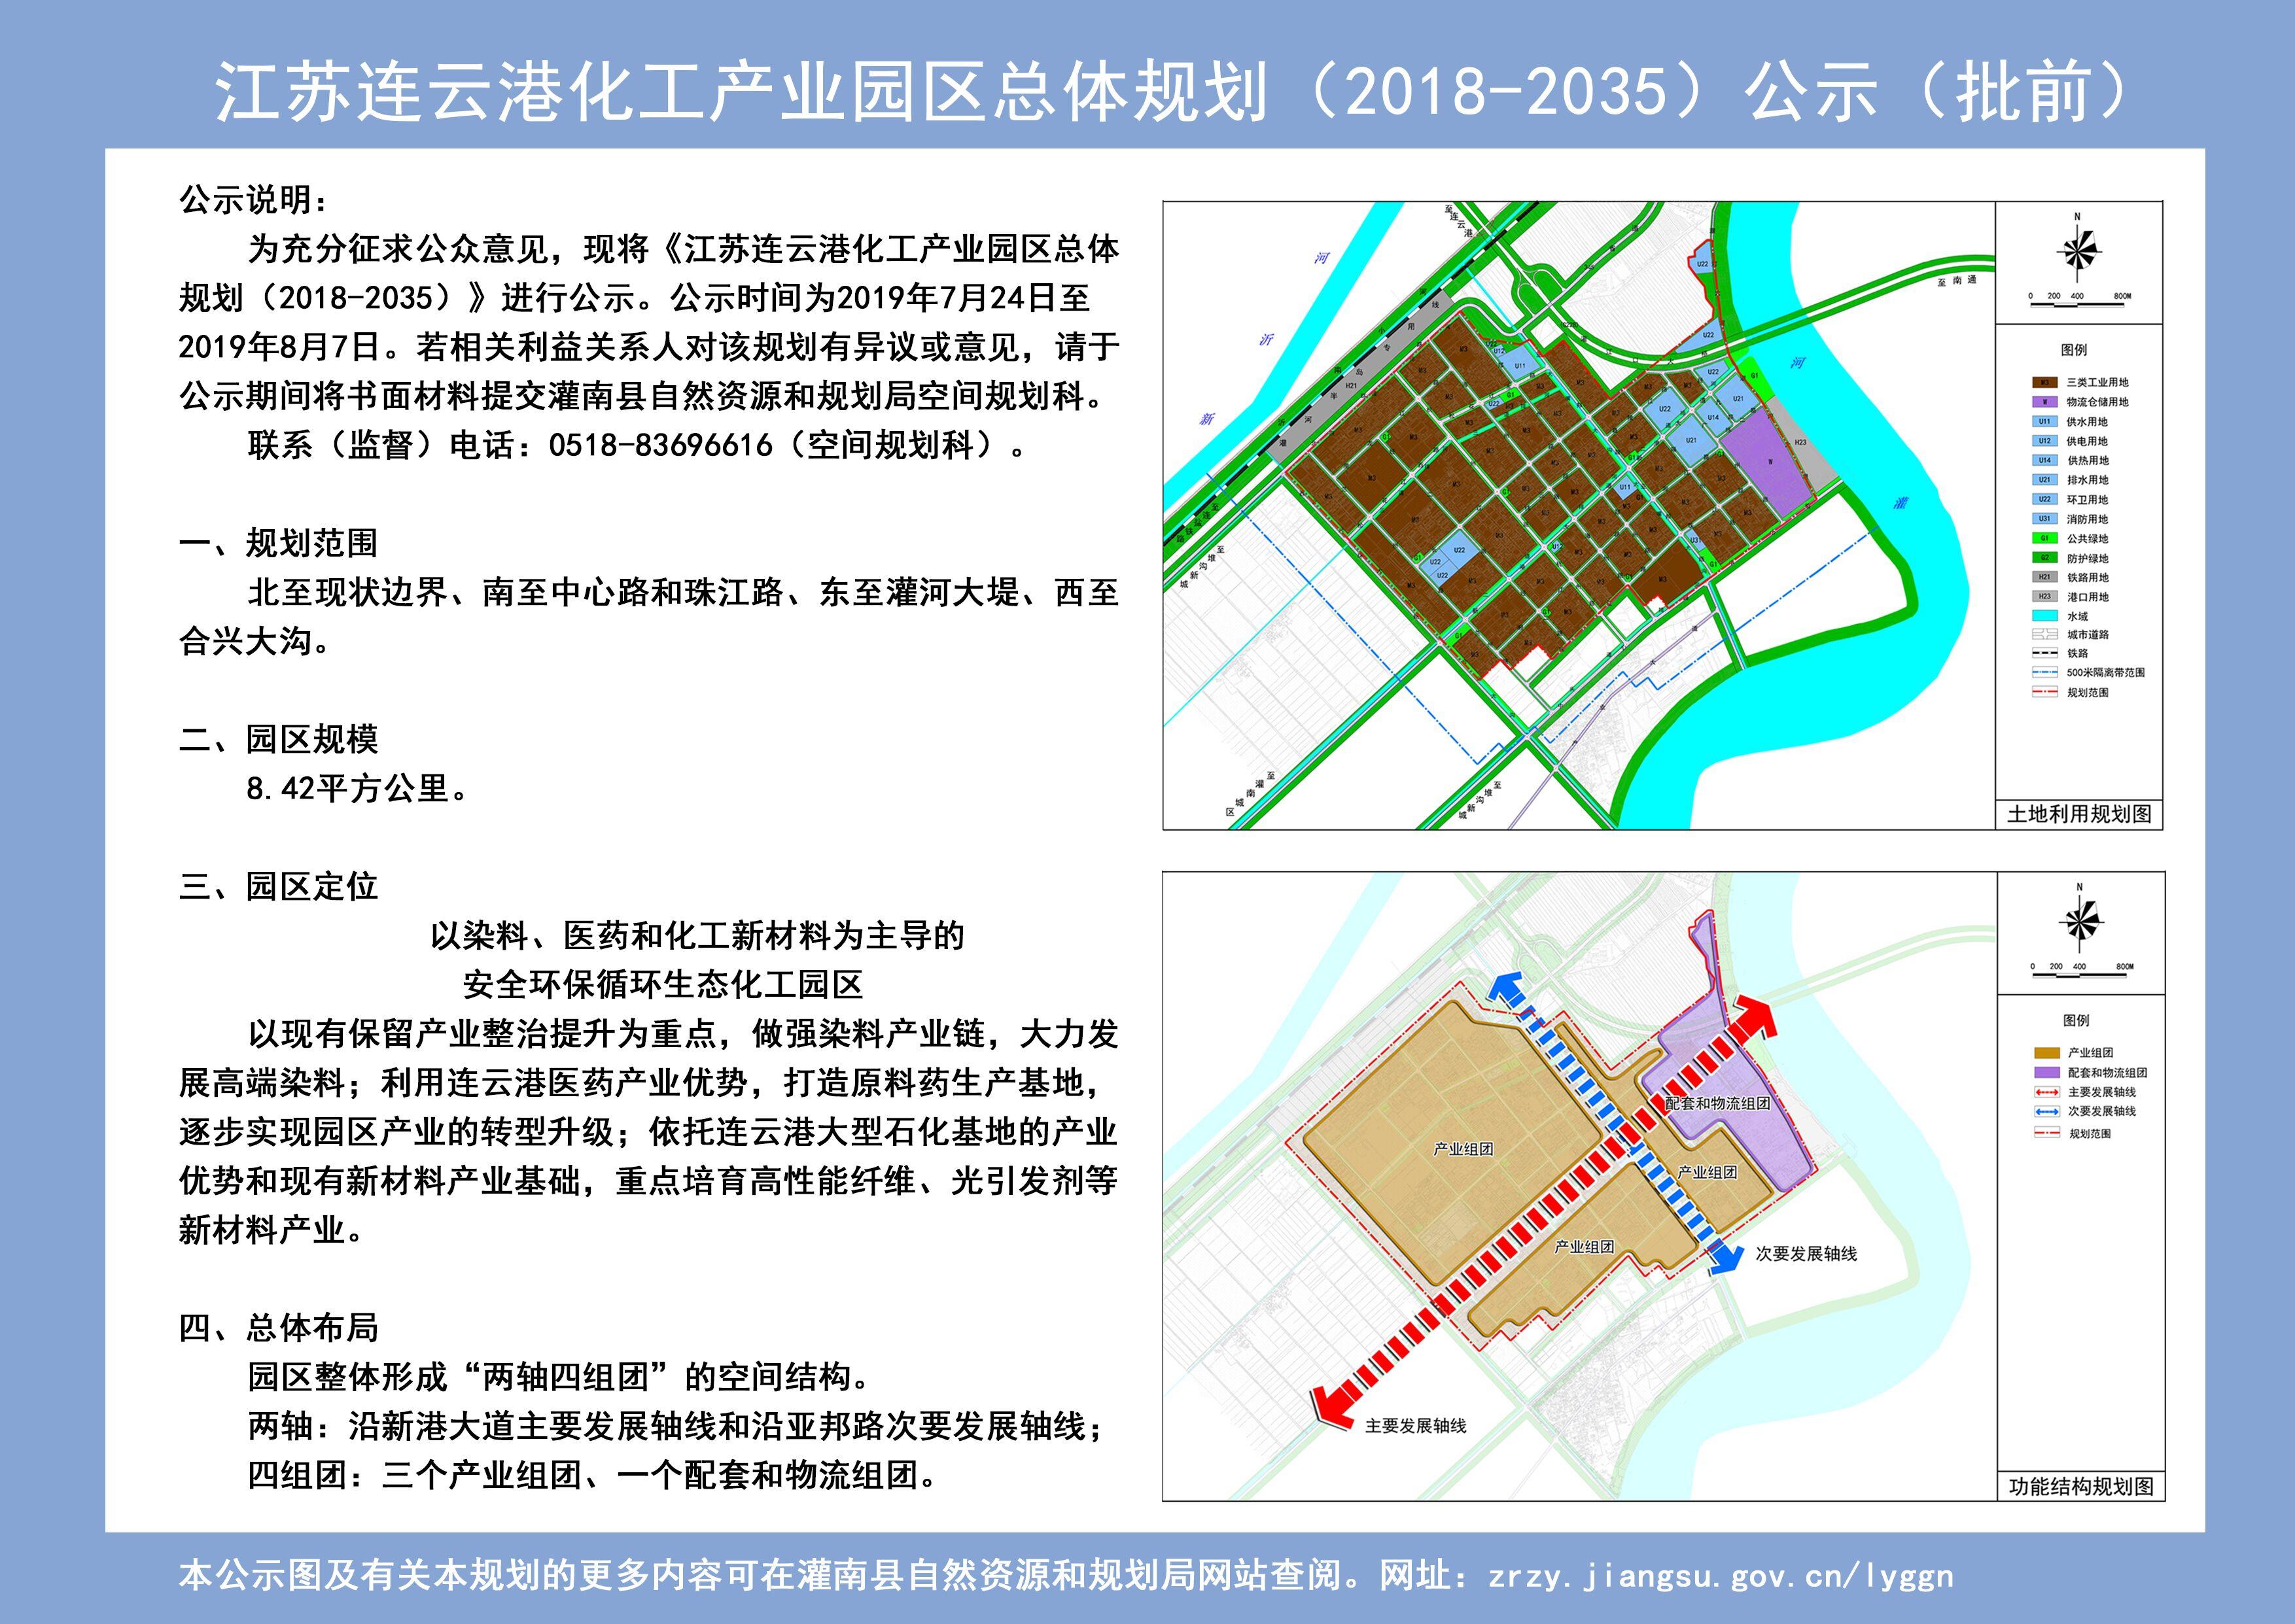 江苏连云港化工产业园区总体规划(2018-2035)公示(批前)